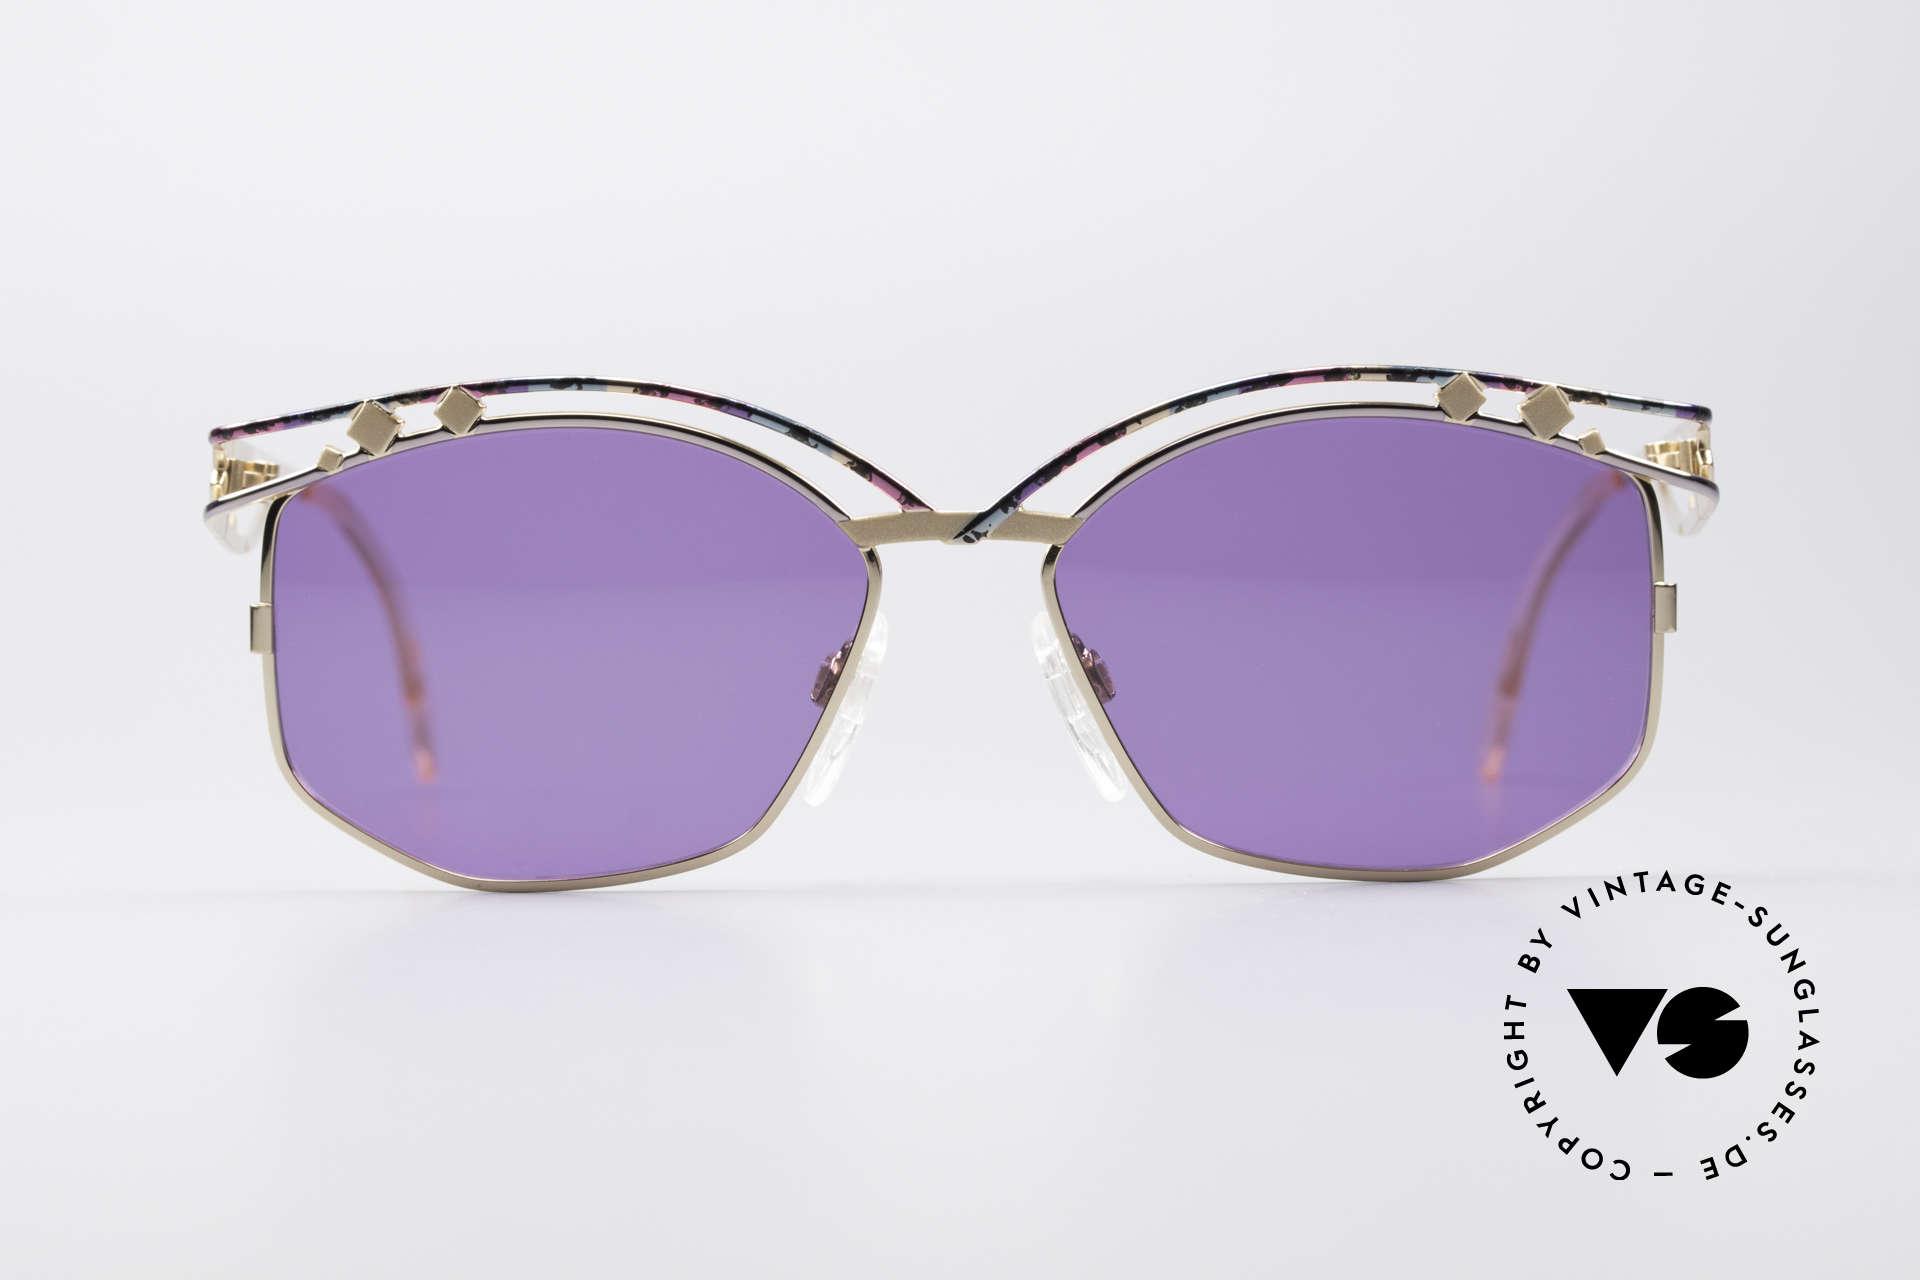 Cazal 280 Designer Sonnenbrille Damen, unverwechelbare CAri ZALloni (CAZAL) Creation, Passend für Damen